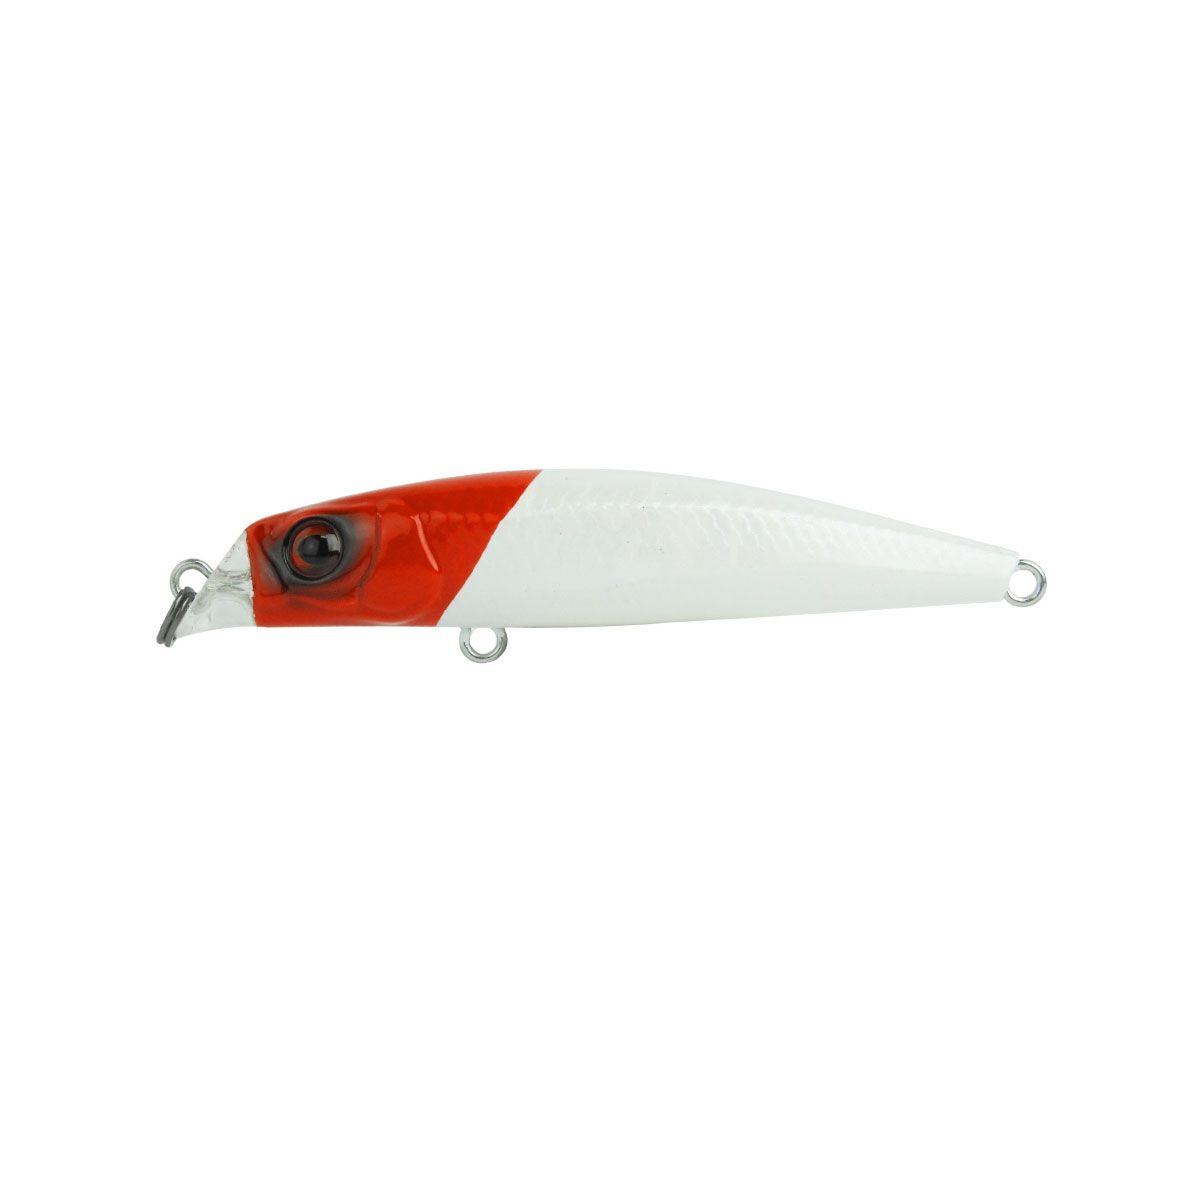 Isca Artificial Marine Sports Rei do Rio 95 9cm 11g